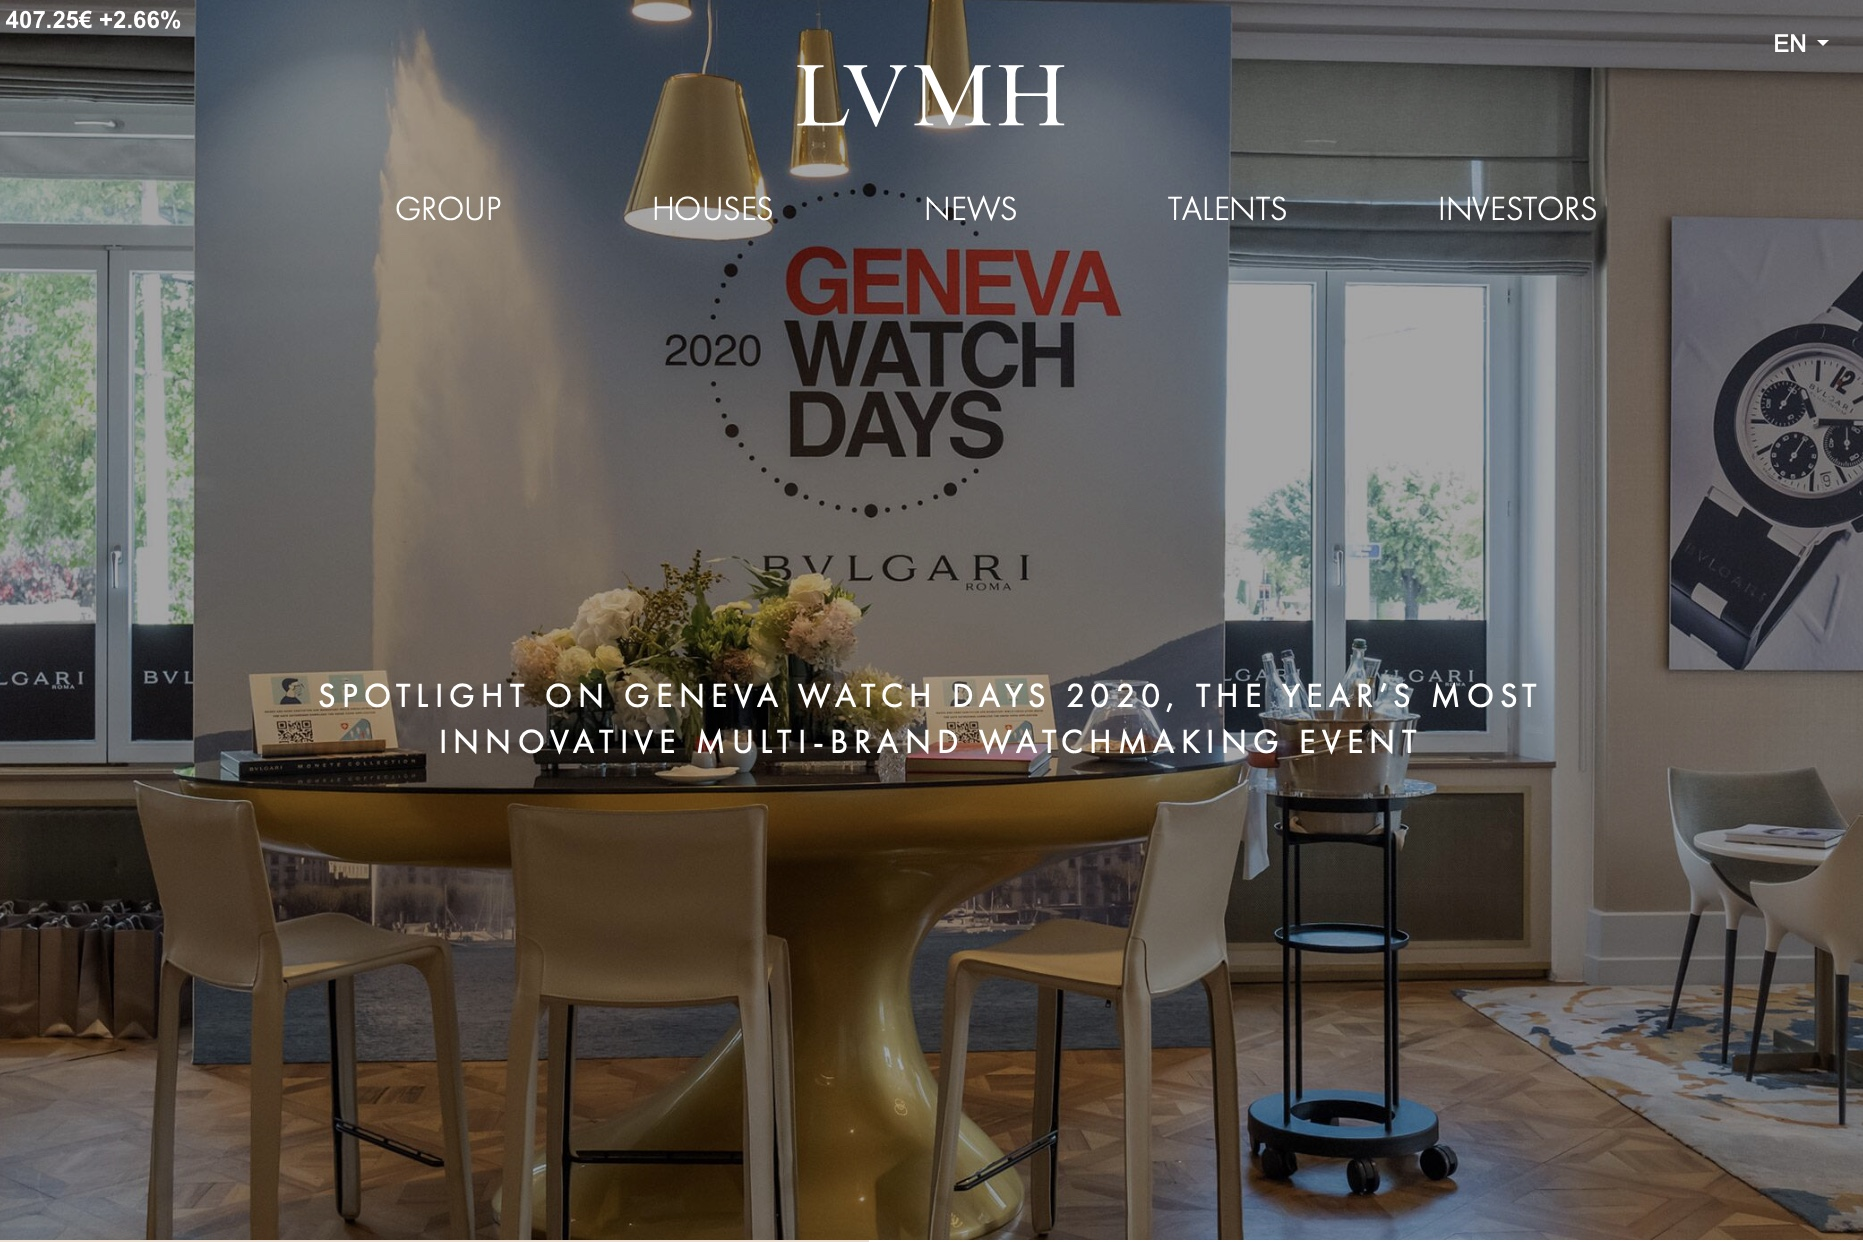 人事动向|Jimmy Choo 提拔20多年老员工担任CEO;LVMH 任命多元化、包容性事务副主席(以及H&M,Adidas高管变动)